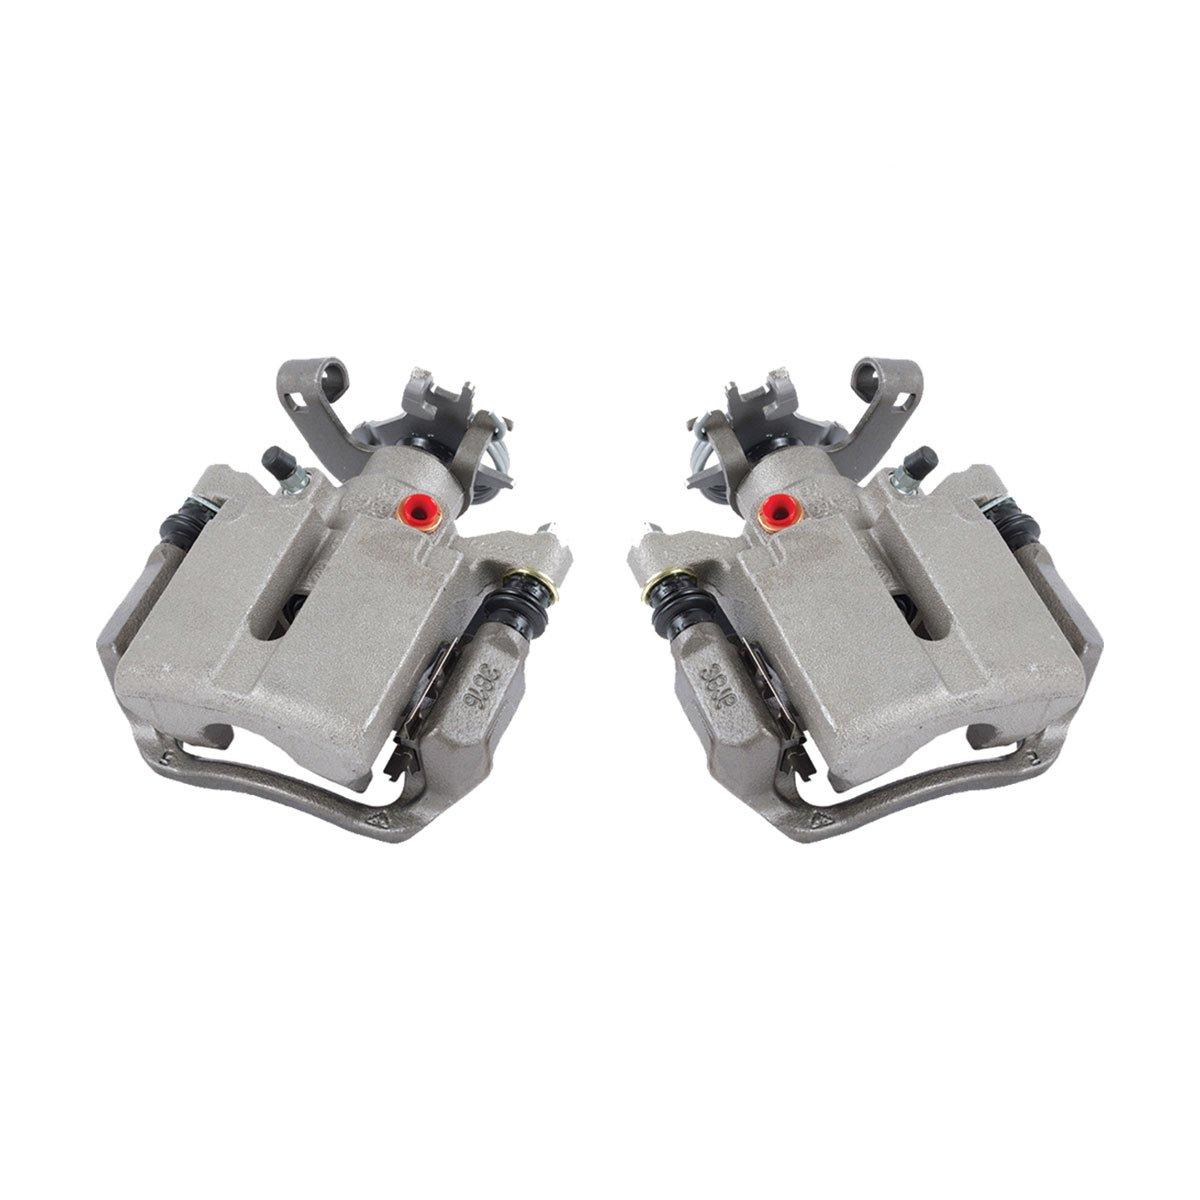 2 CKOE00984 REAR Premium Grade OE Semi-Loaded Caliper Assembly Pair Set